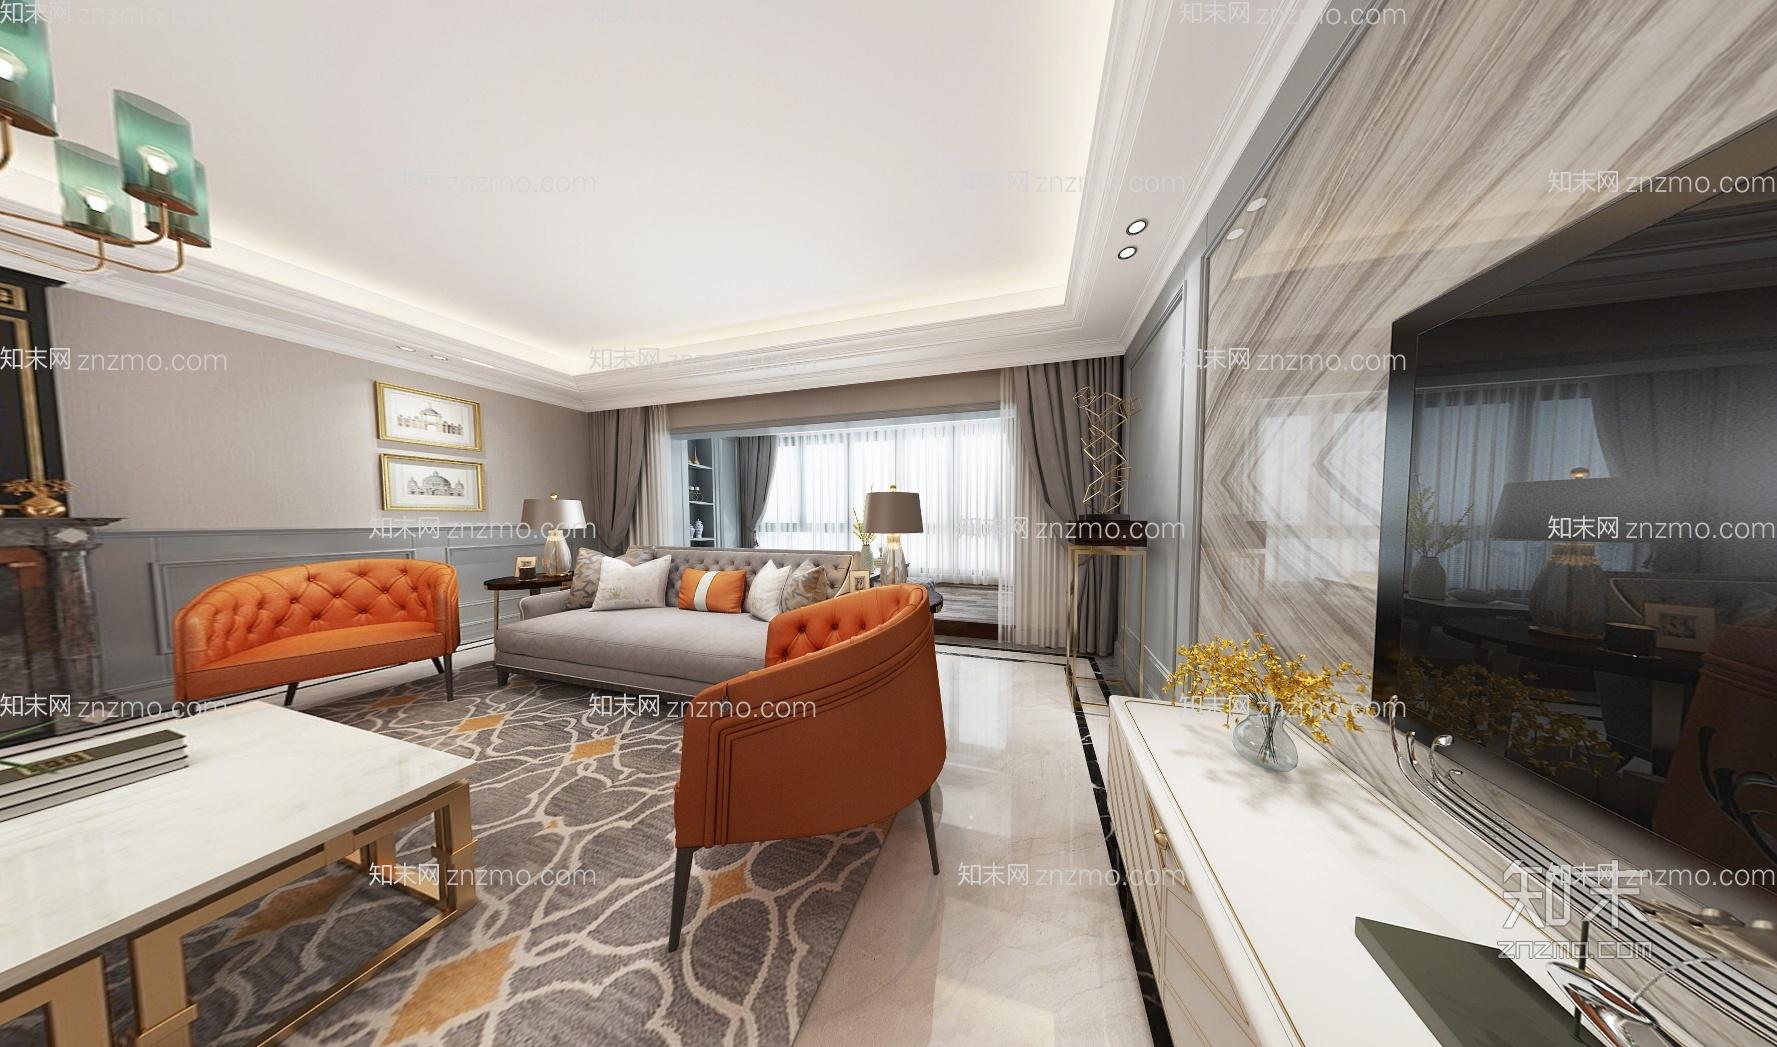 美式奢华客厅餐厅全景3D模型 沙发茶几 餐桌椅 电视柜 吊灯 挂画